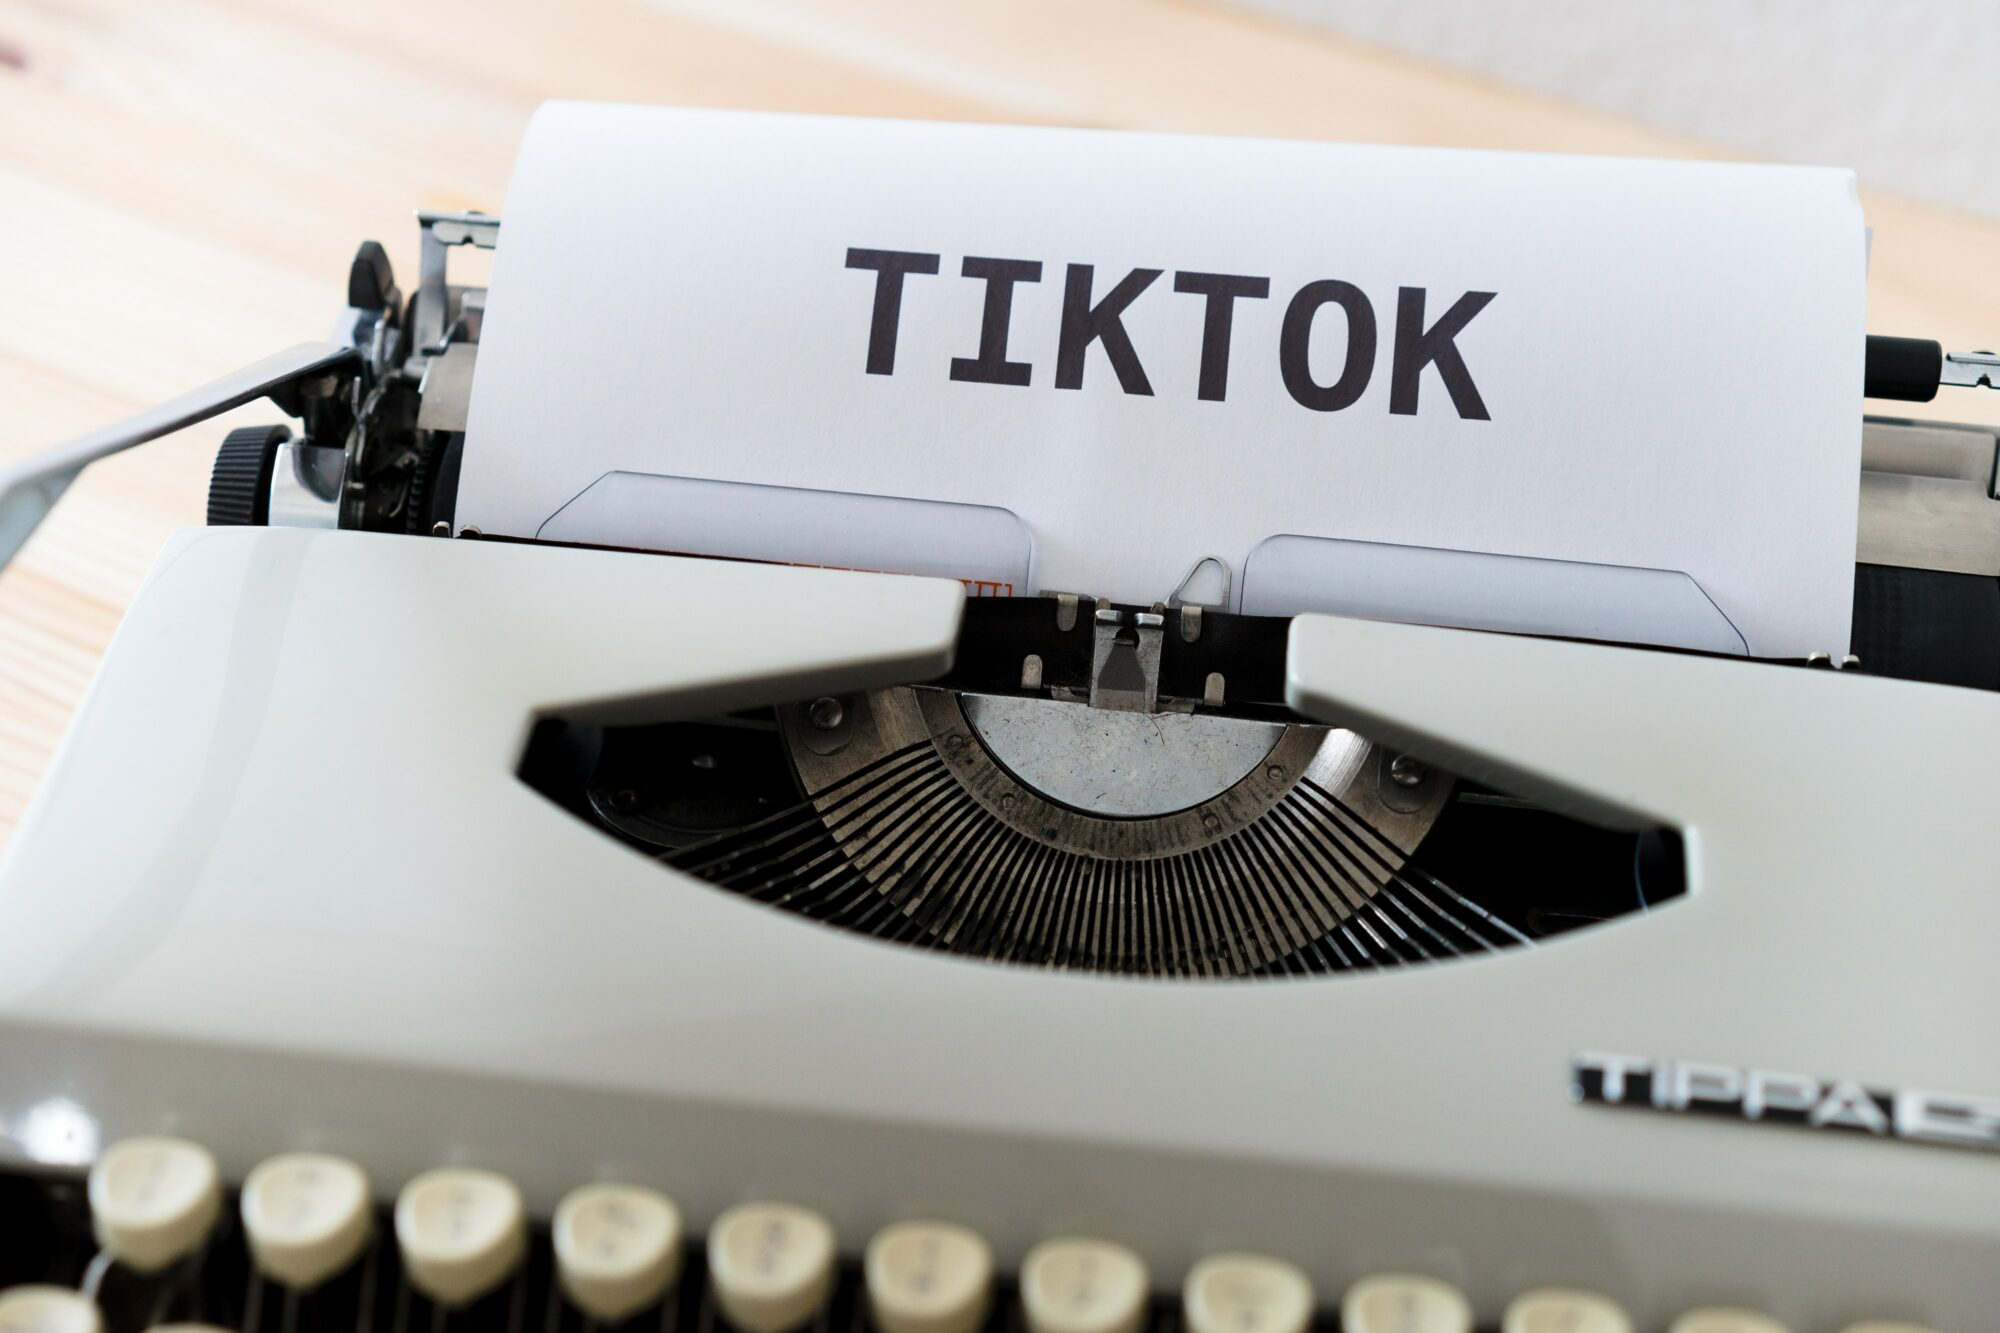 Licensing Music for TikTok